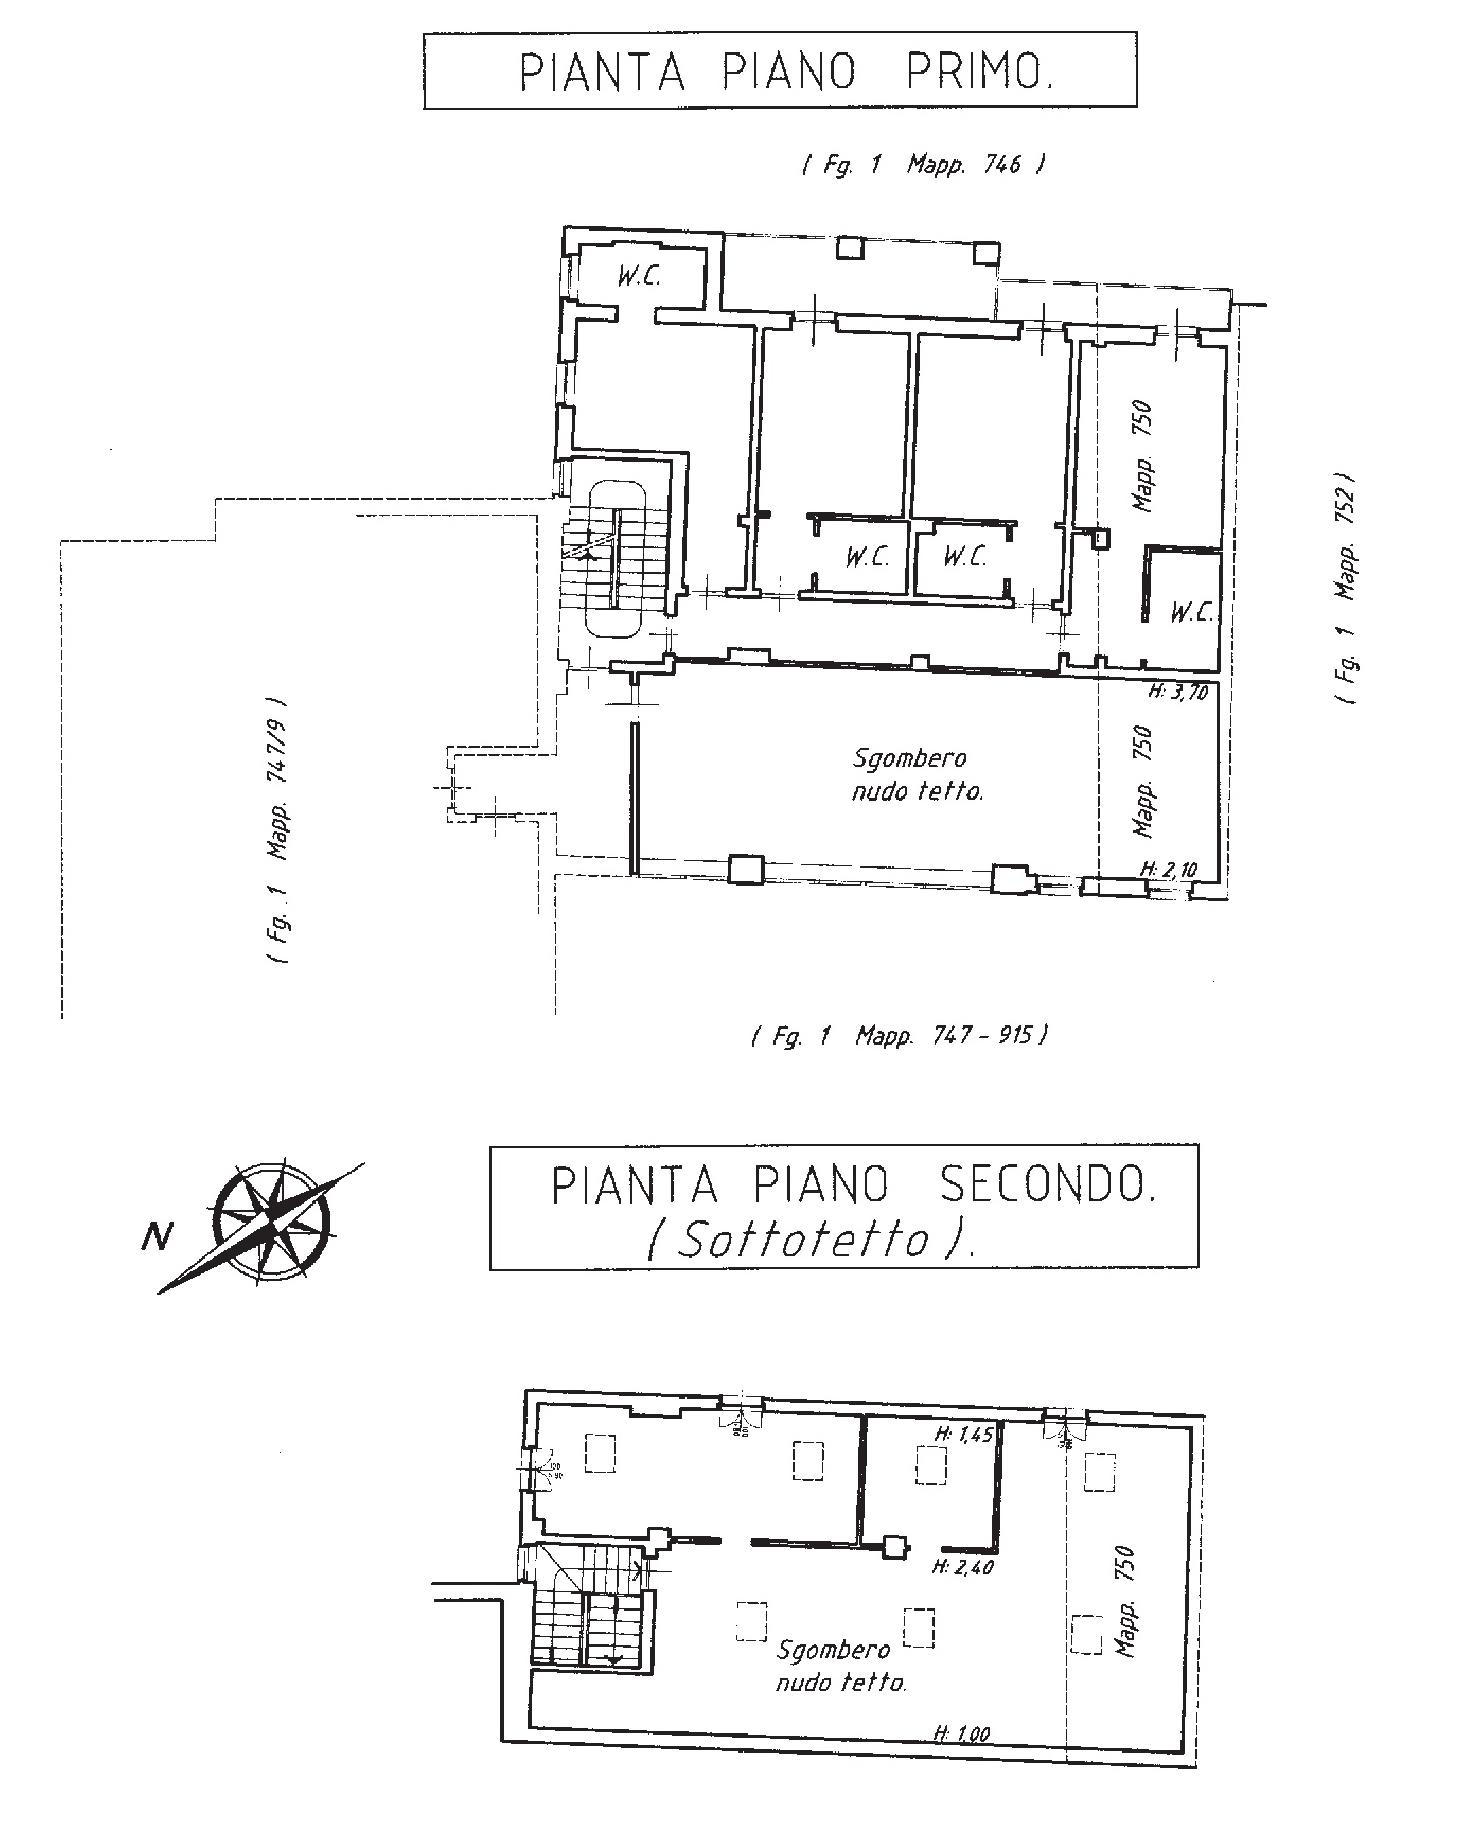 piano primo-secondo catastale - Hotel